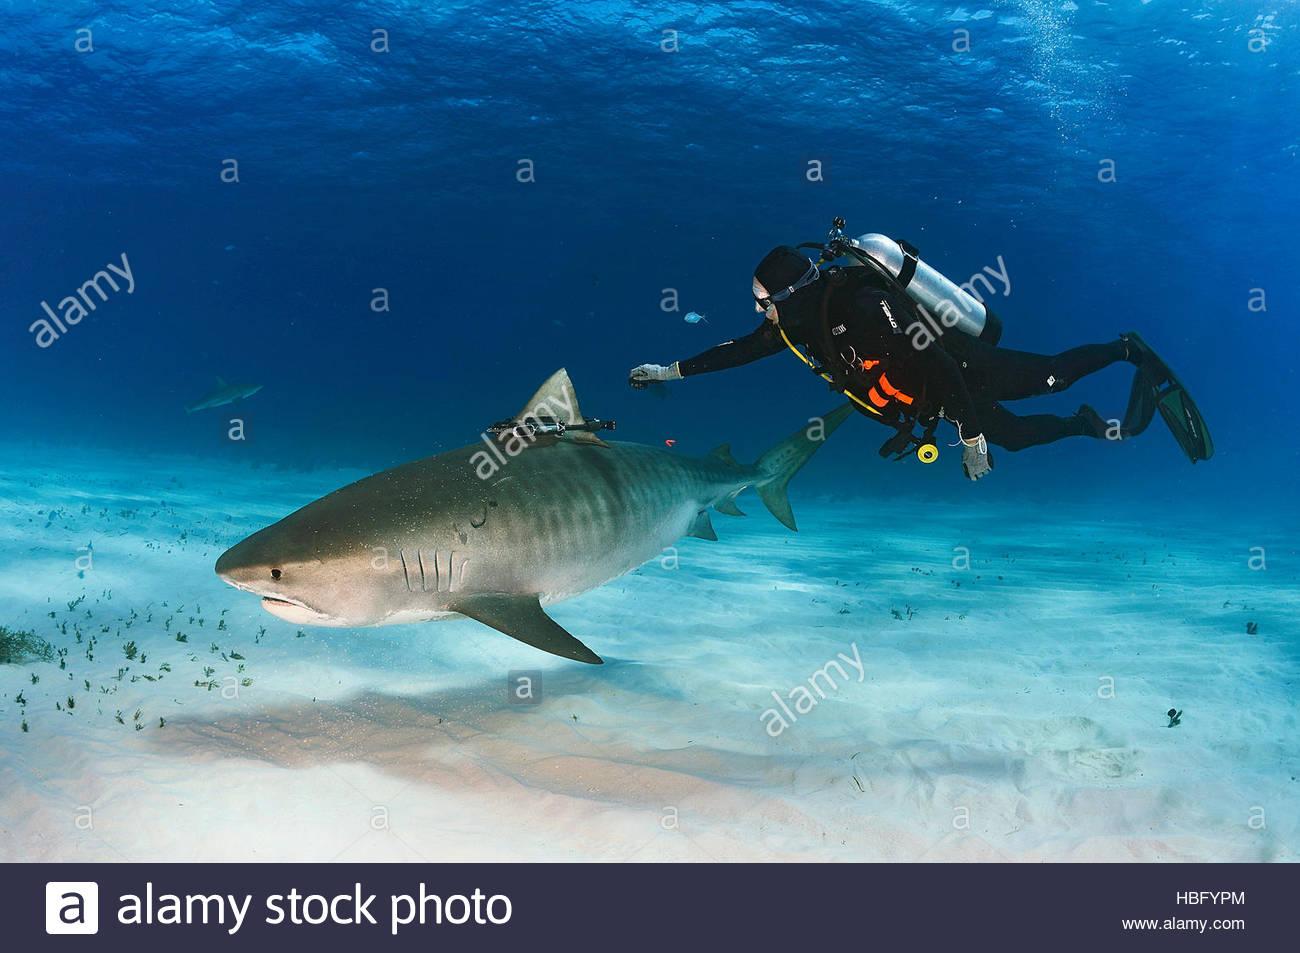 Un Crittercam, un video che raccoglie le riprese dello squalo nei movimenti, è attaccato a un squalo tigre Immagini Stock